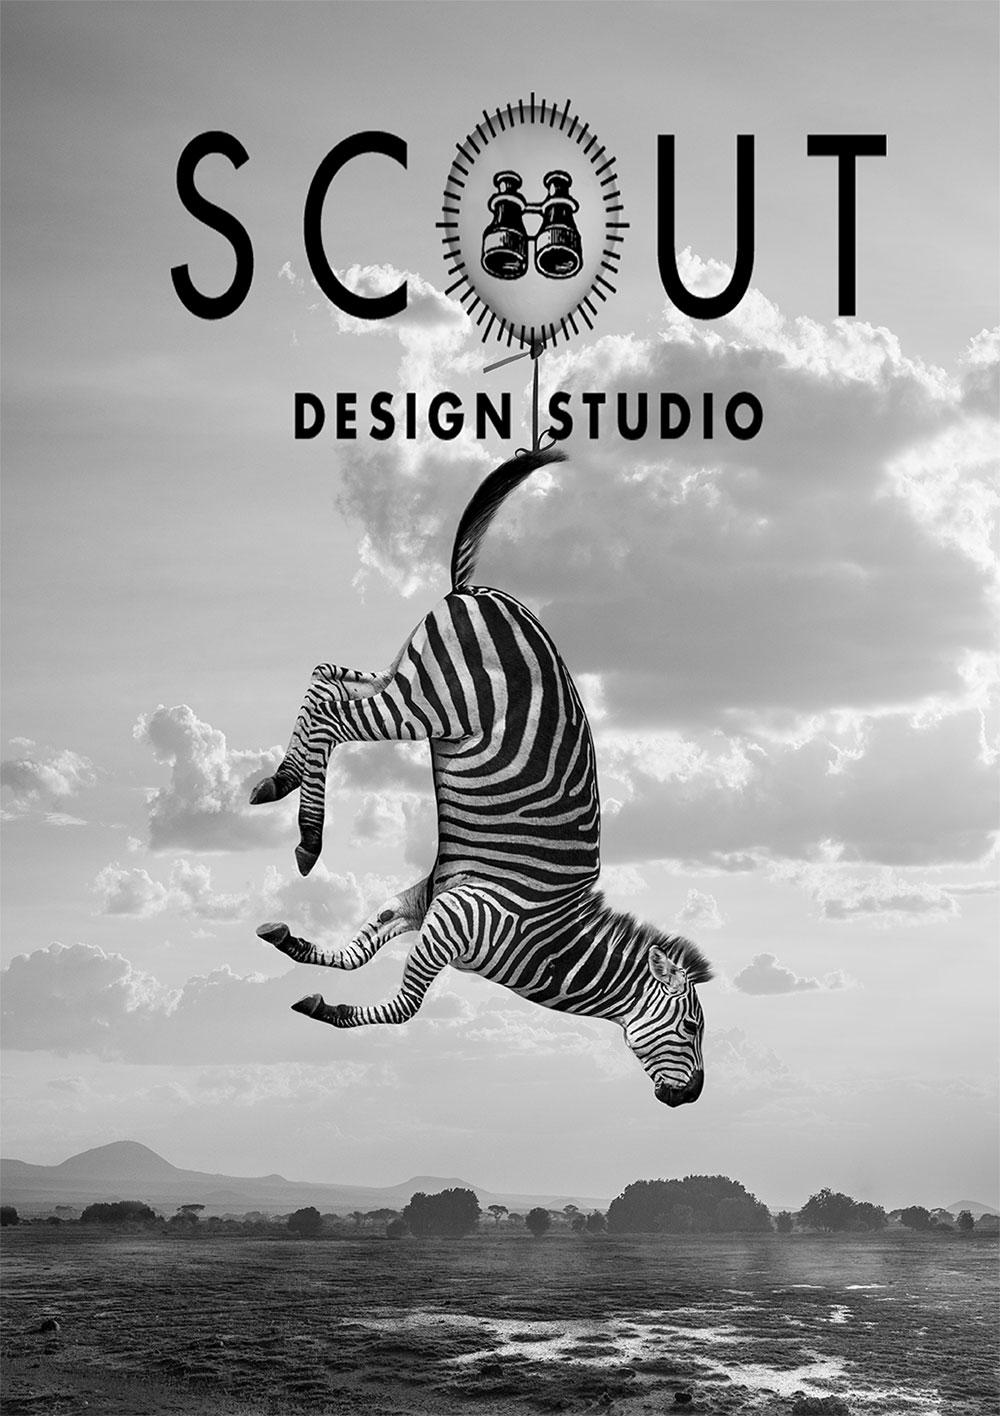 Scout Design Studio